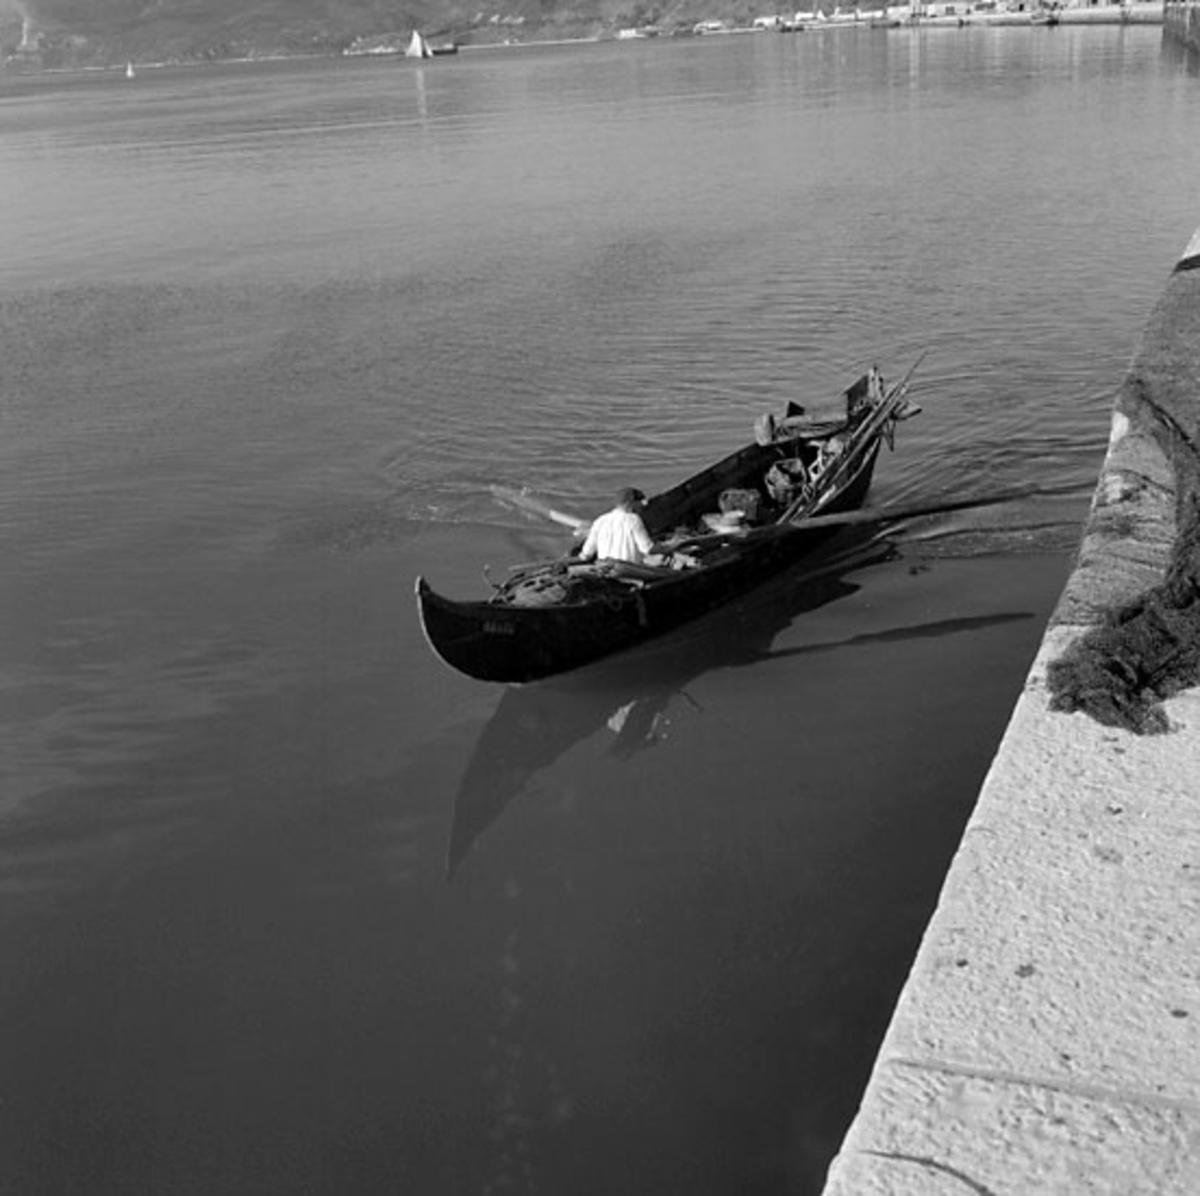 46. Portugal. Fotojournal finns på B.M.A. + fotoalbum. Samtidigt förvärv: Böcker och arkivmaterial. Foton tagna 1959-11-15. 12 Bilder i serie.